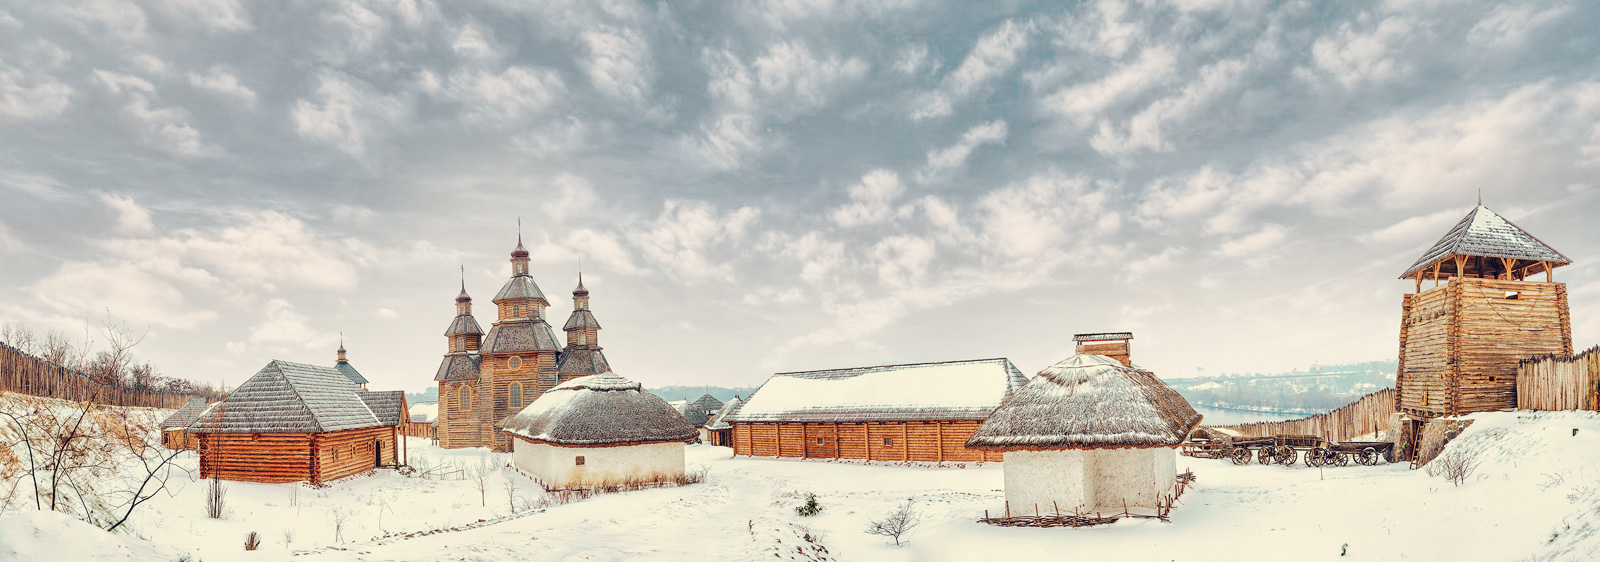 Сказочные места для празднования Нового года 2018 в Украине